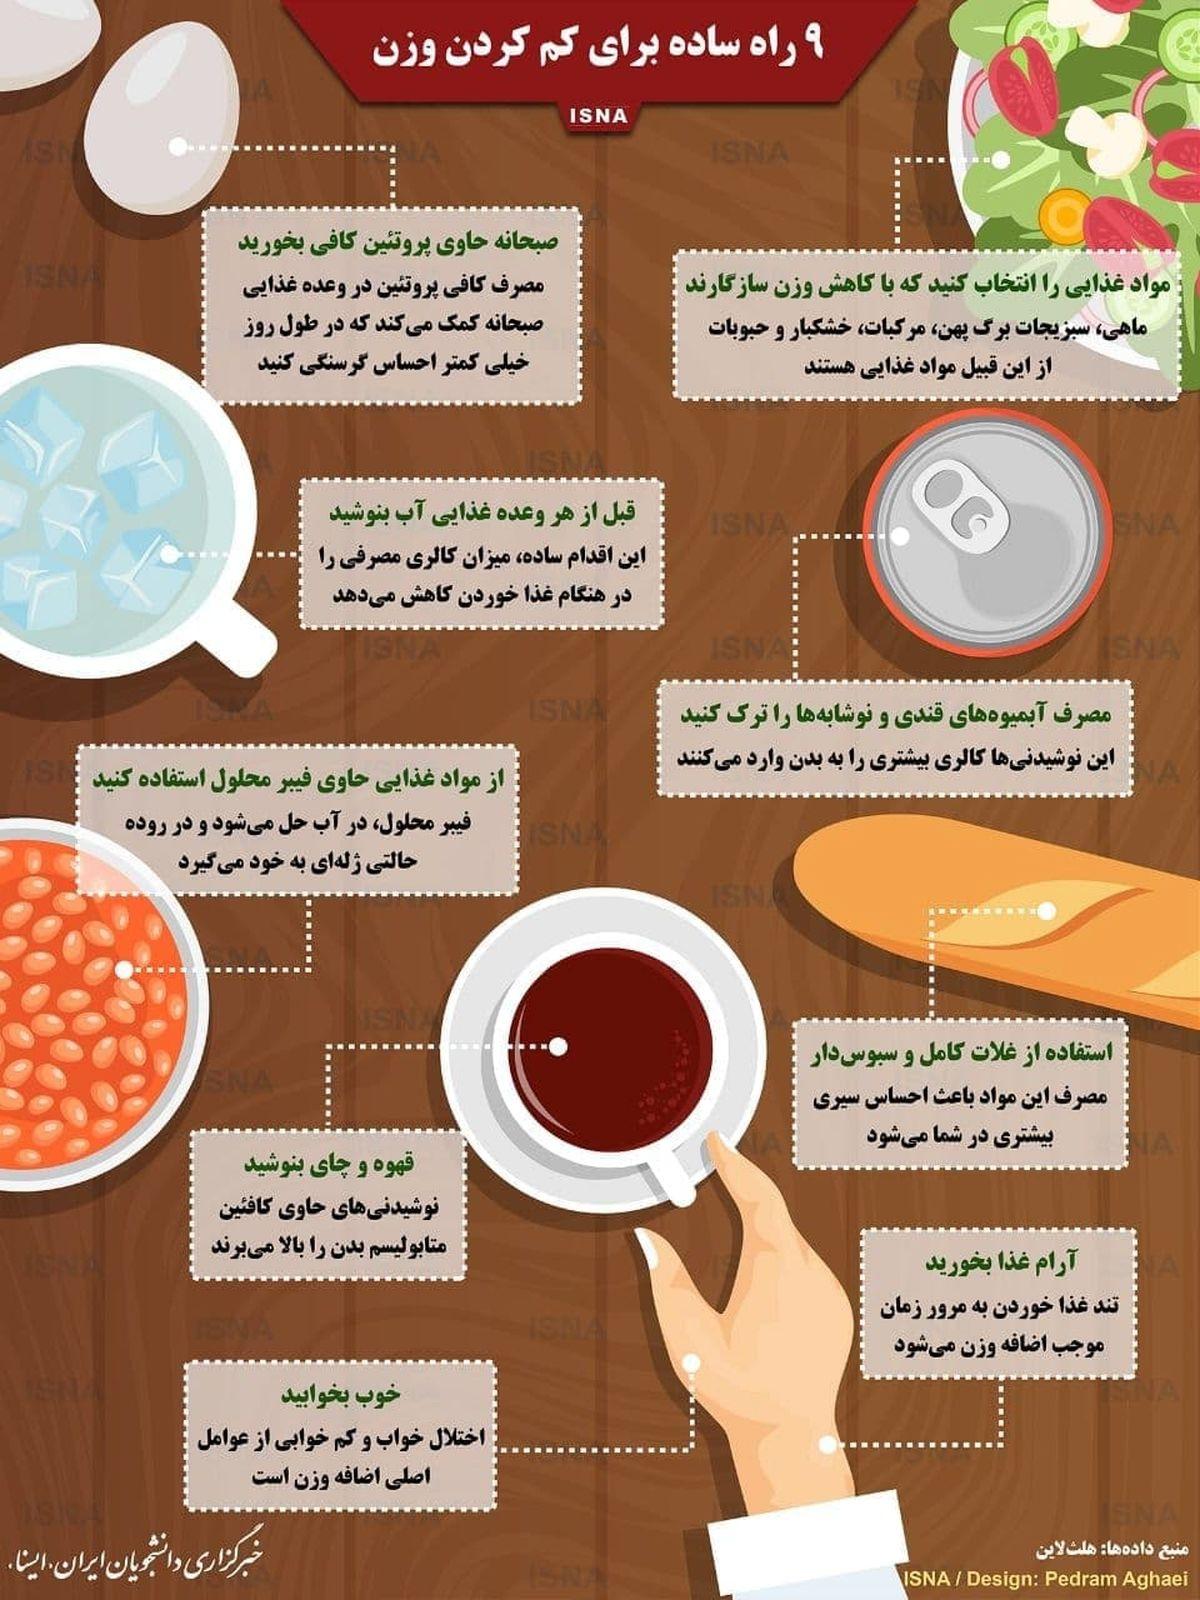 ۹راه ساده برای کم کردن وزن